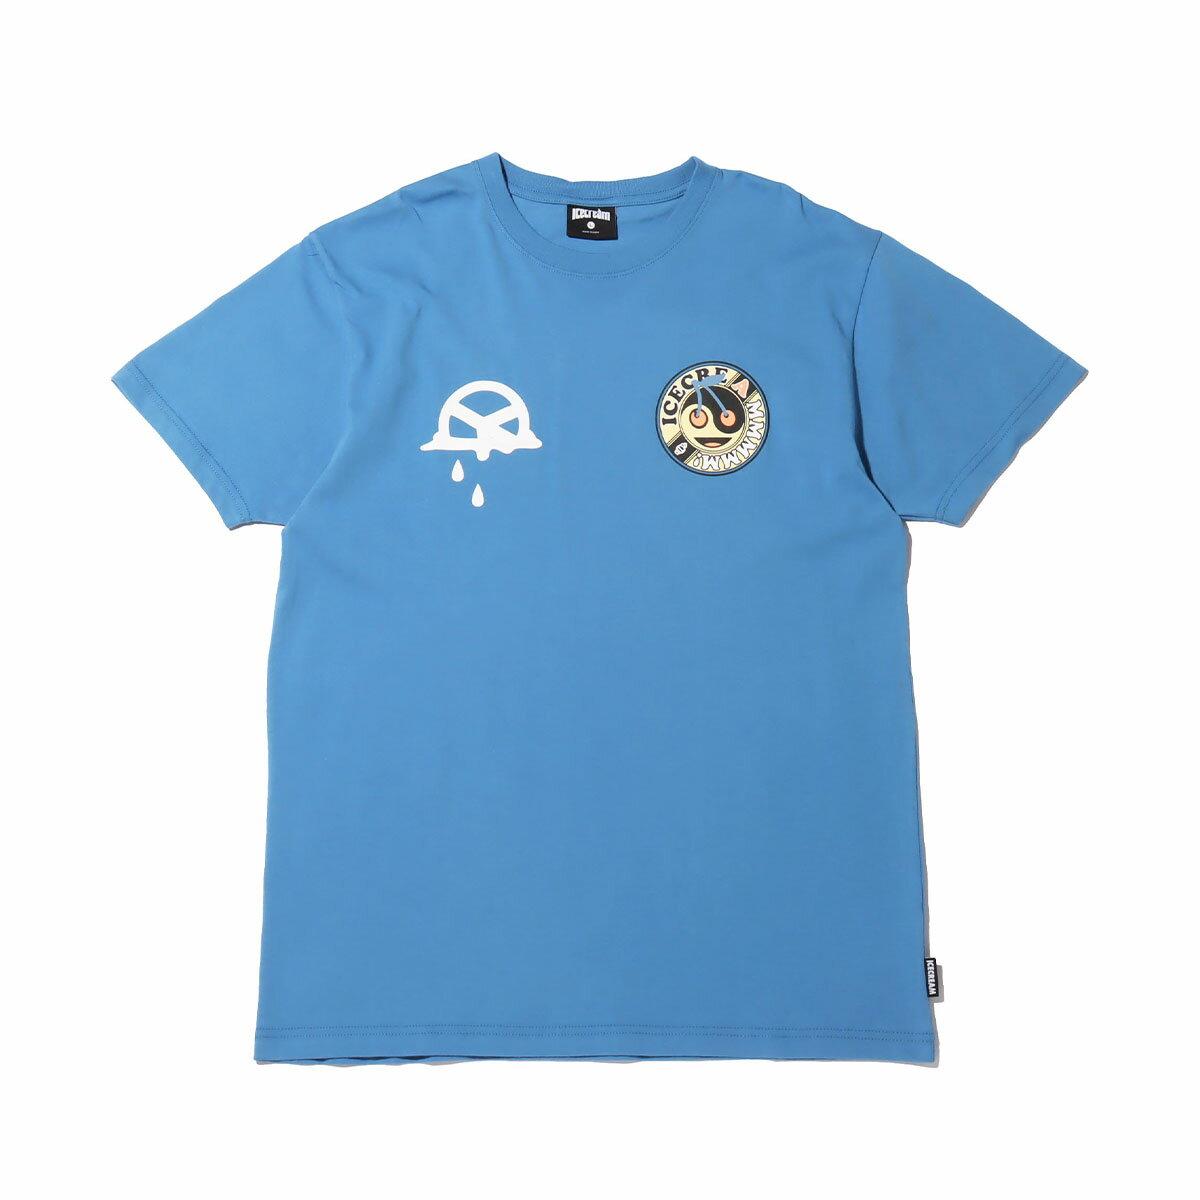 トップス, Tシャツ・カットソー BILLIONAIRE BOYS CLUB ICECREAMMMMM T-SHIRT( )BLUE T20SU-I at20-c